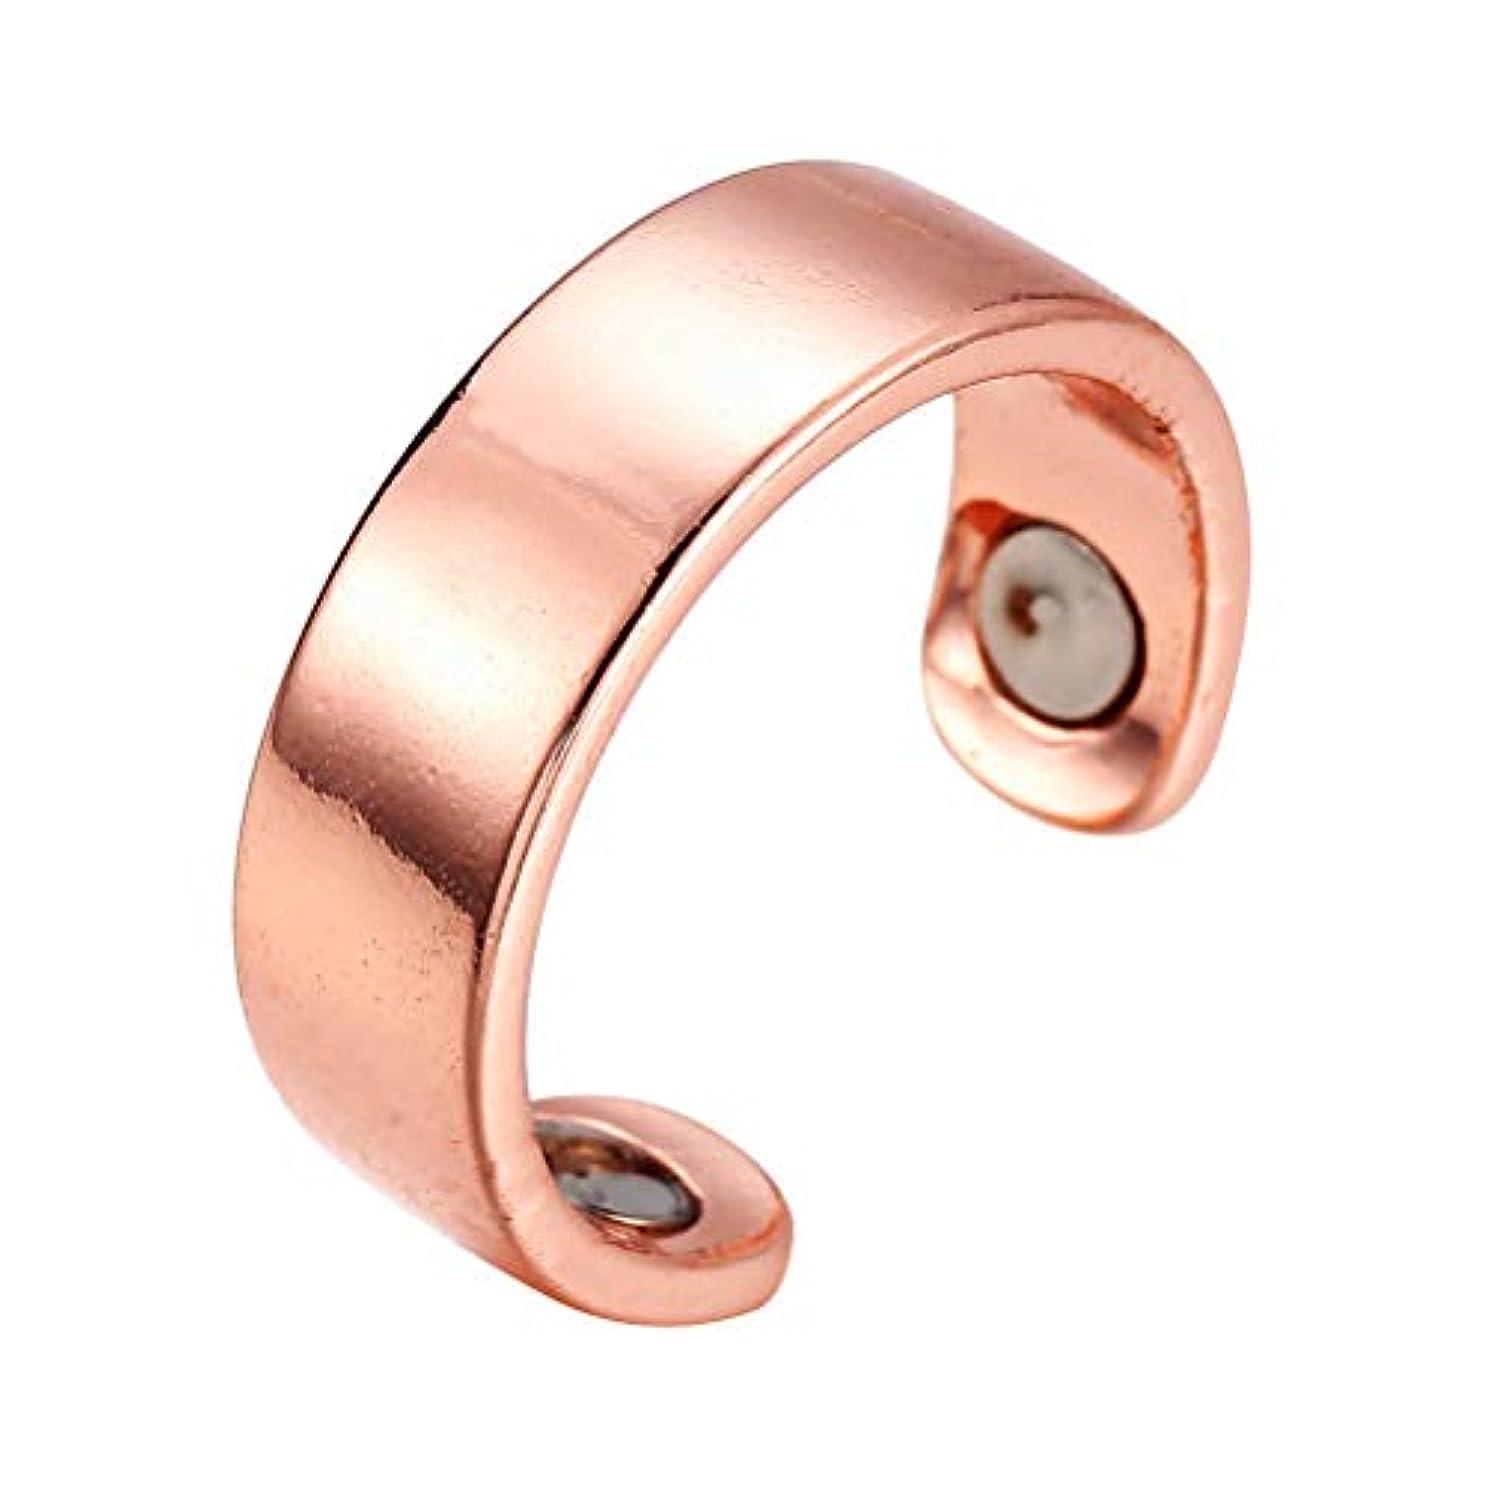 分子概念置くためにパックSUPVOX リング 指輪 磁気リング 調節可能 オープンリング 睡眠呼吸指圧治療停止いびきデバイスヘルスケア磁気療法(ローズゴールデン)